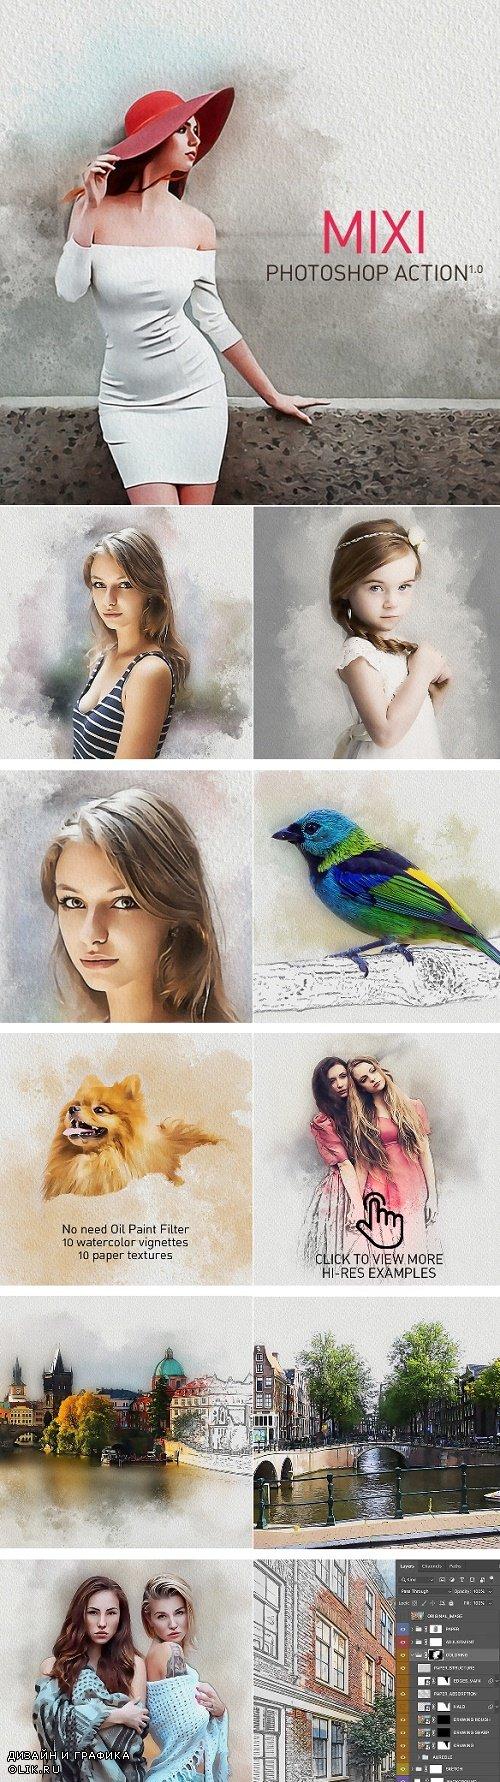 MIXI | Acrylic + Watercolor + Pencil Sketch Photoshop Action - 25312701